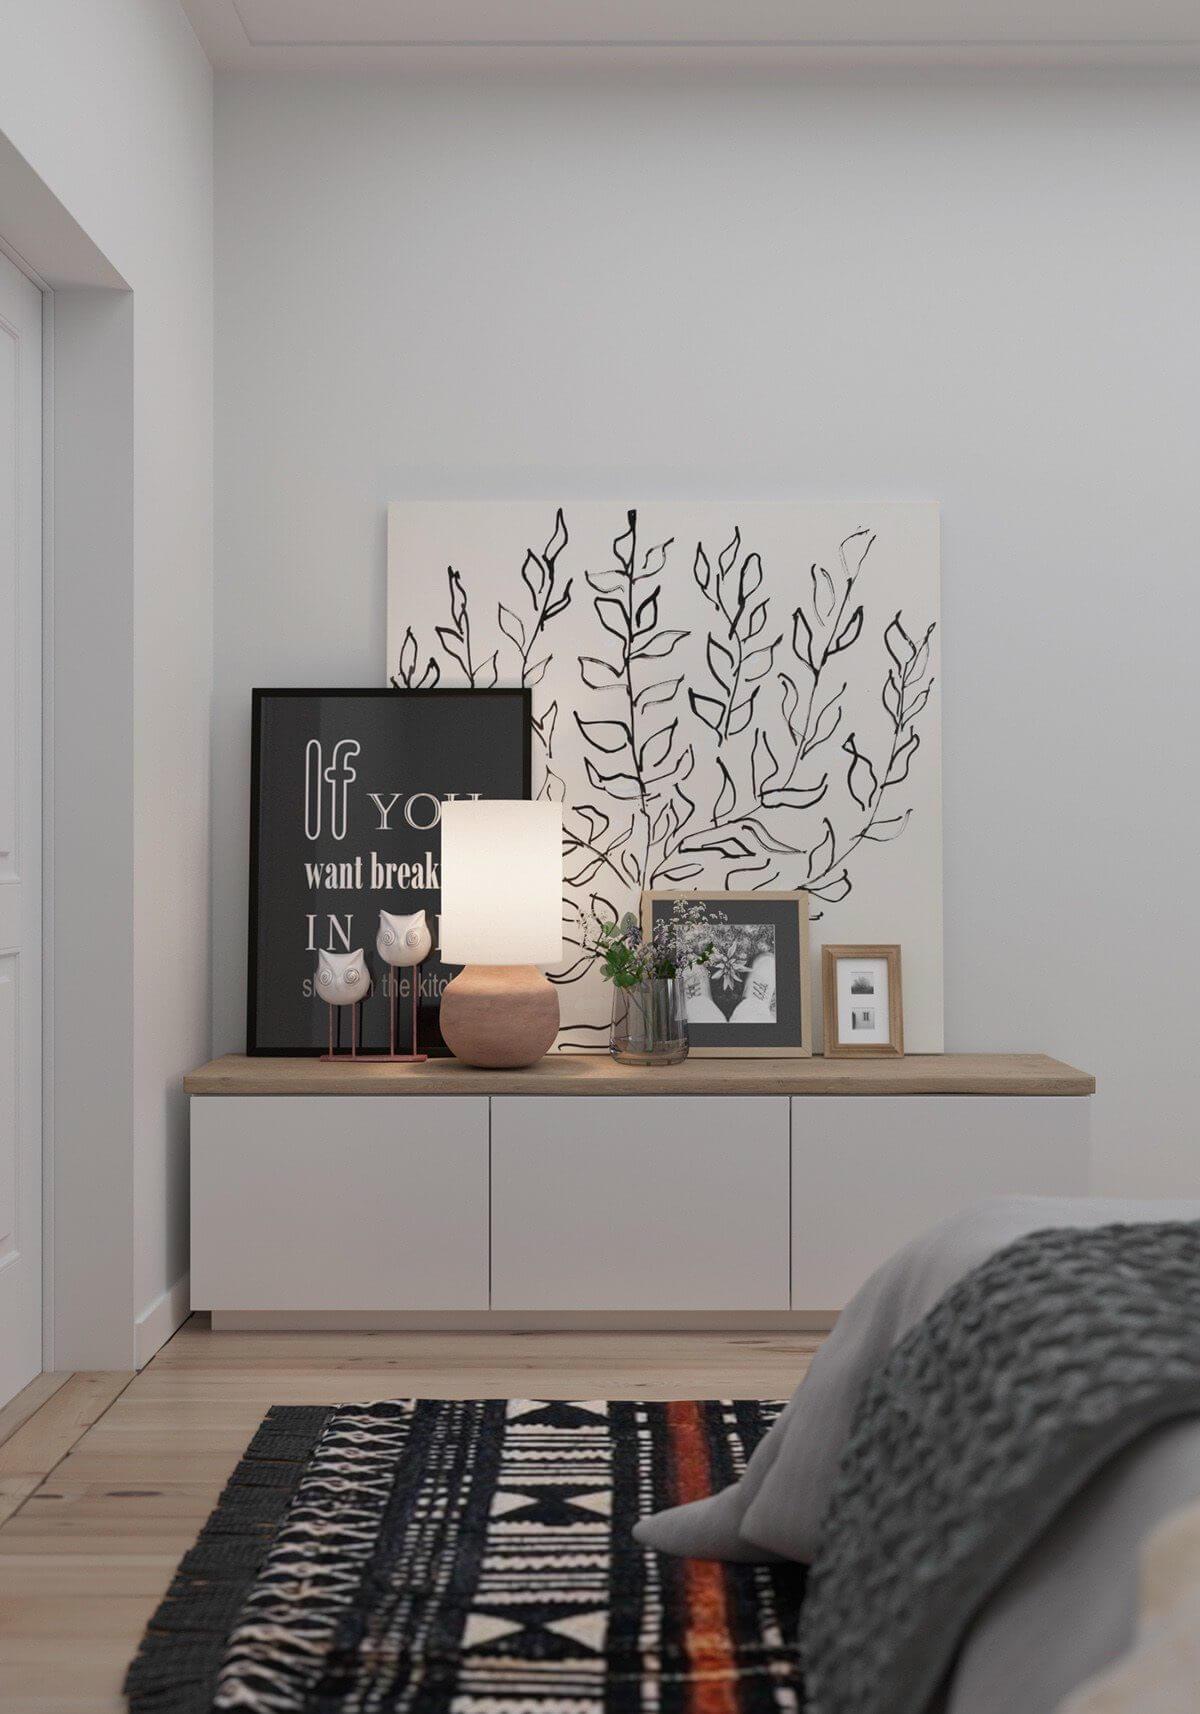 bedroom white shelf pictures art  Hô biến căn hộ dưới 50m2 thành không gian rộng rãi và cá tính qpdesign